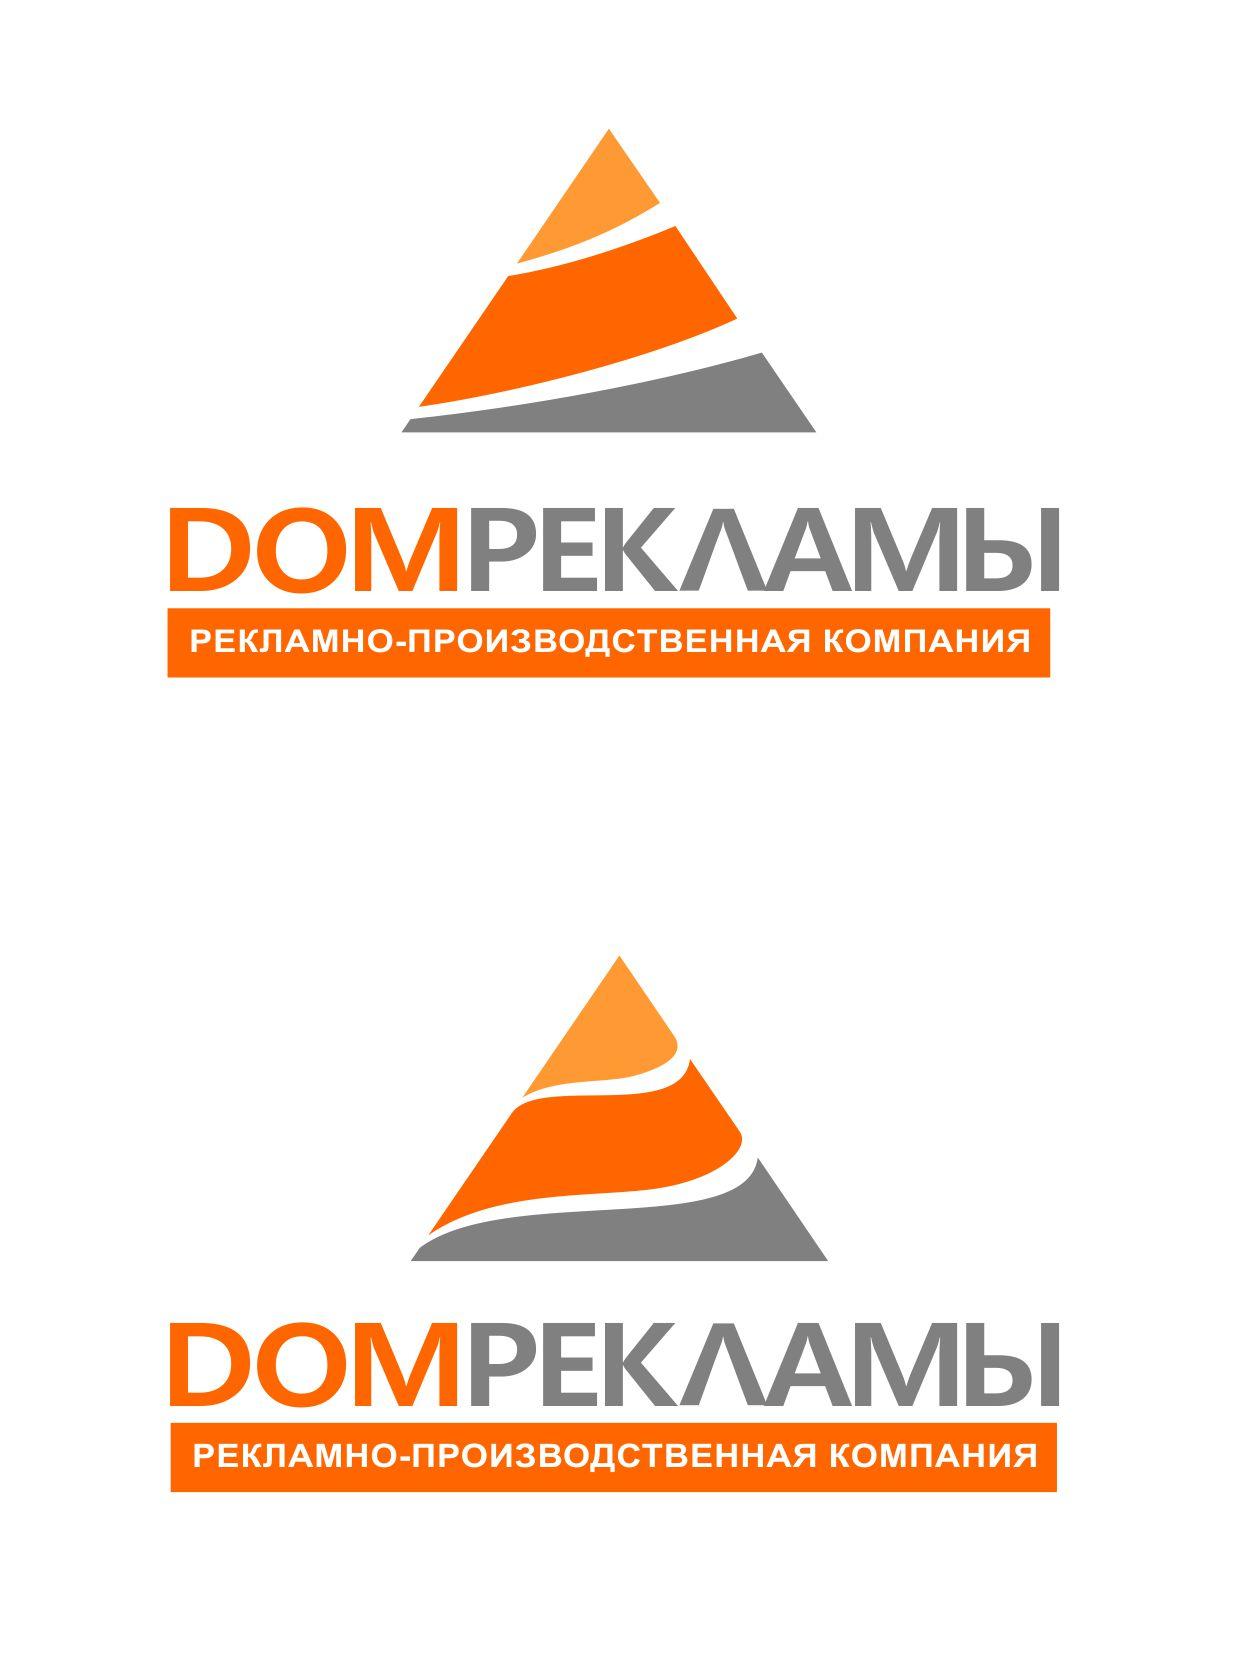 Дизайн логотипа рекламно-производственной компании фото f_3415edf60229edb7.jpg